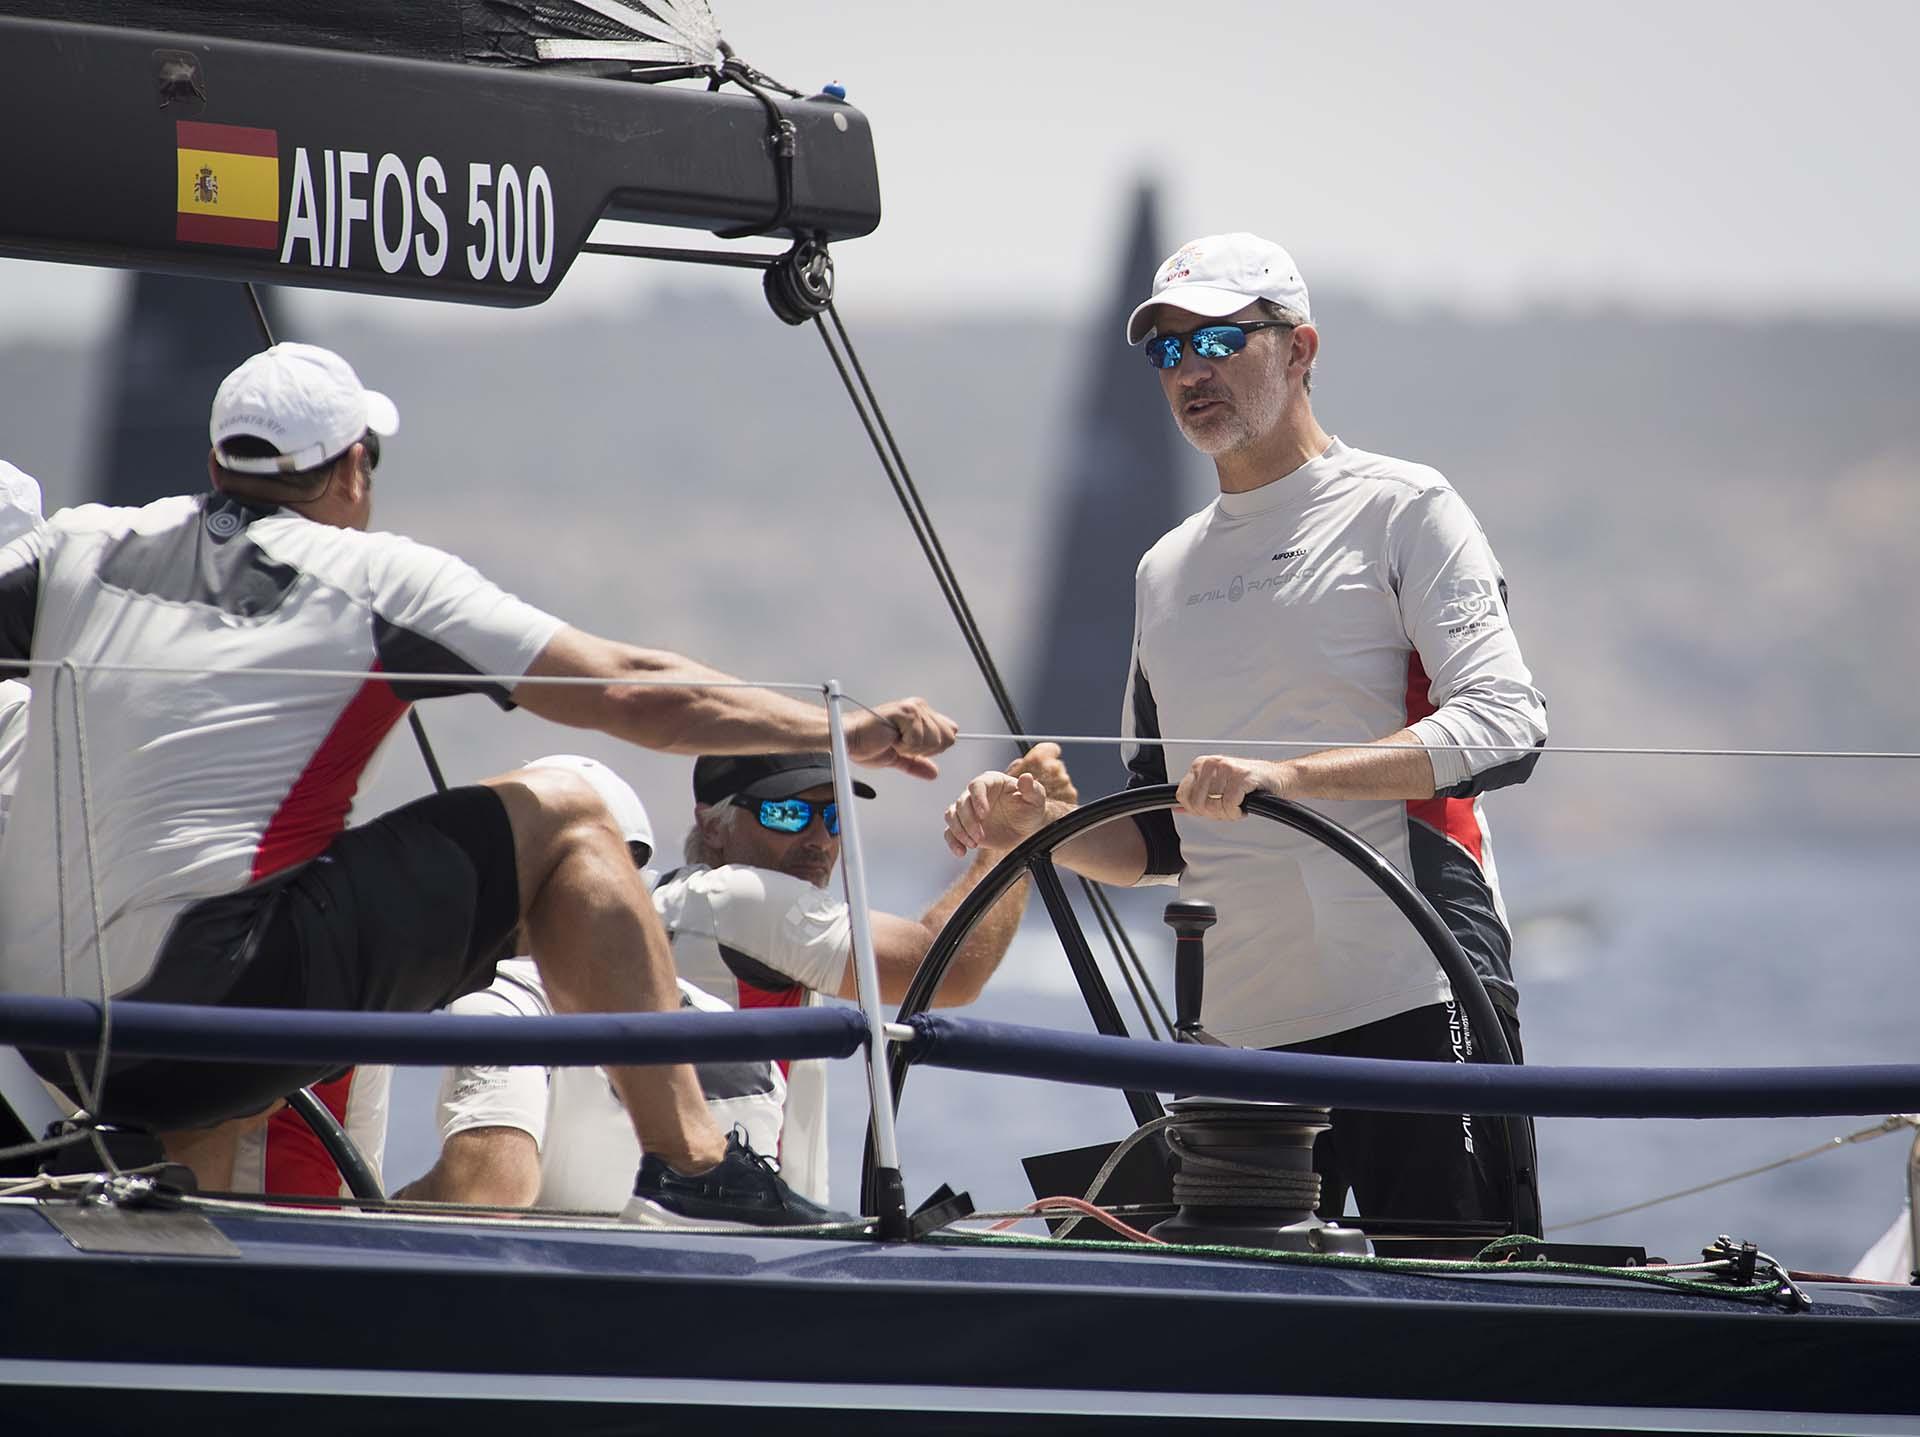 El rey españolse pone al mandodel timón del 'Aifos' el barco de la Armada Española para participar en la 38º Copa del Rey MAPFRE de Vela